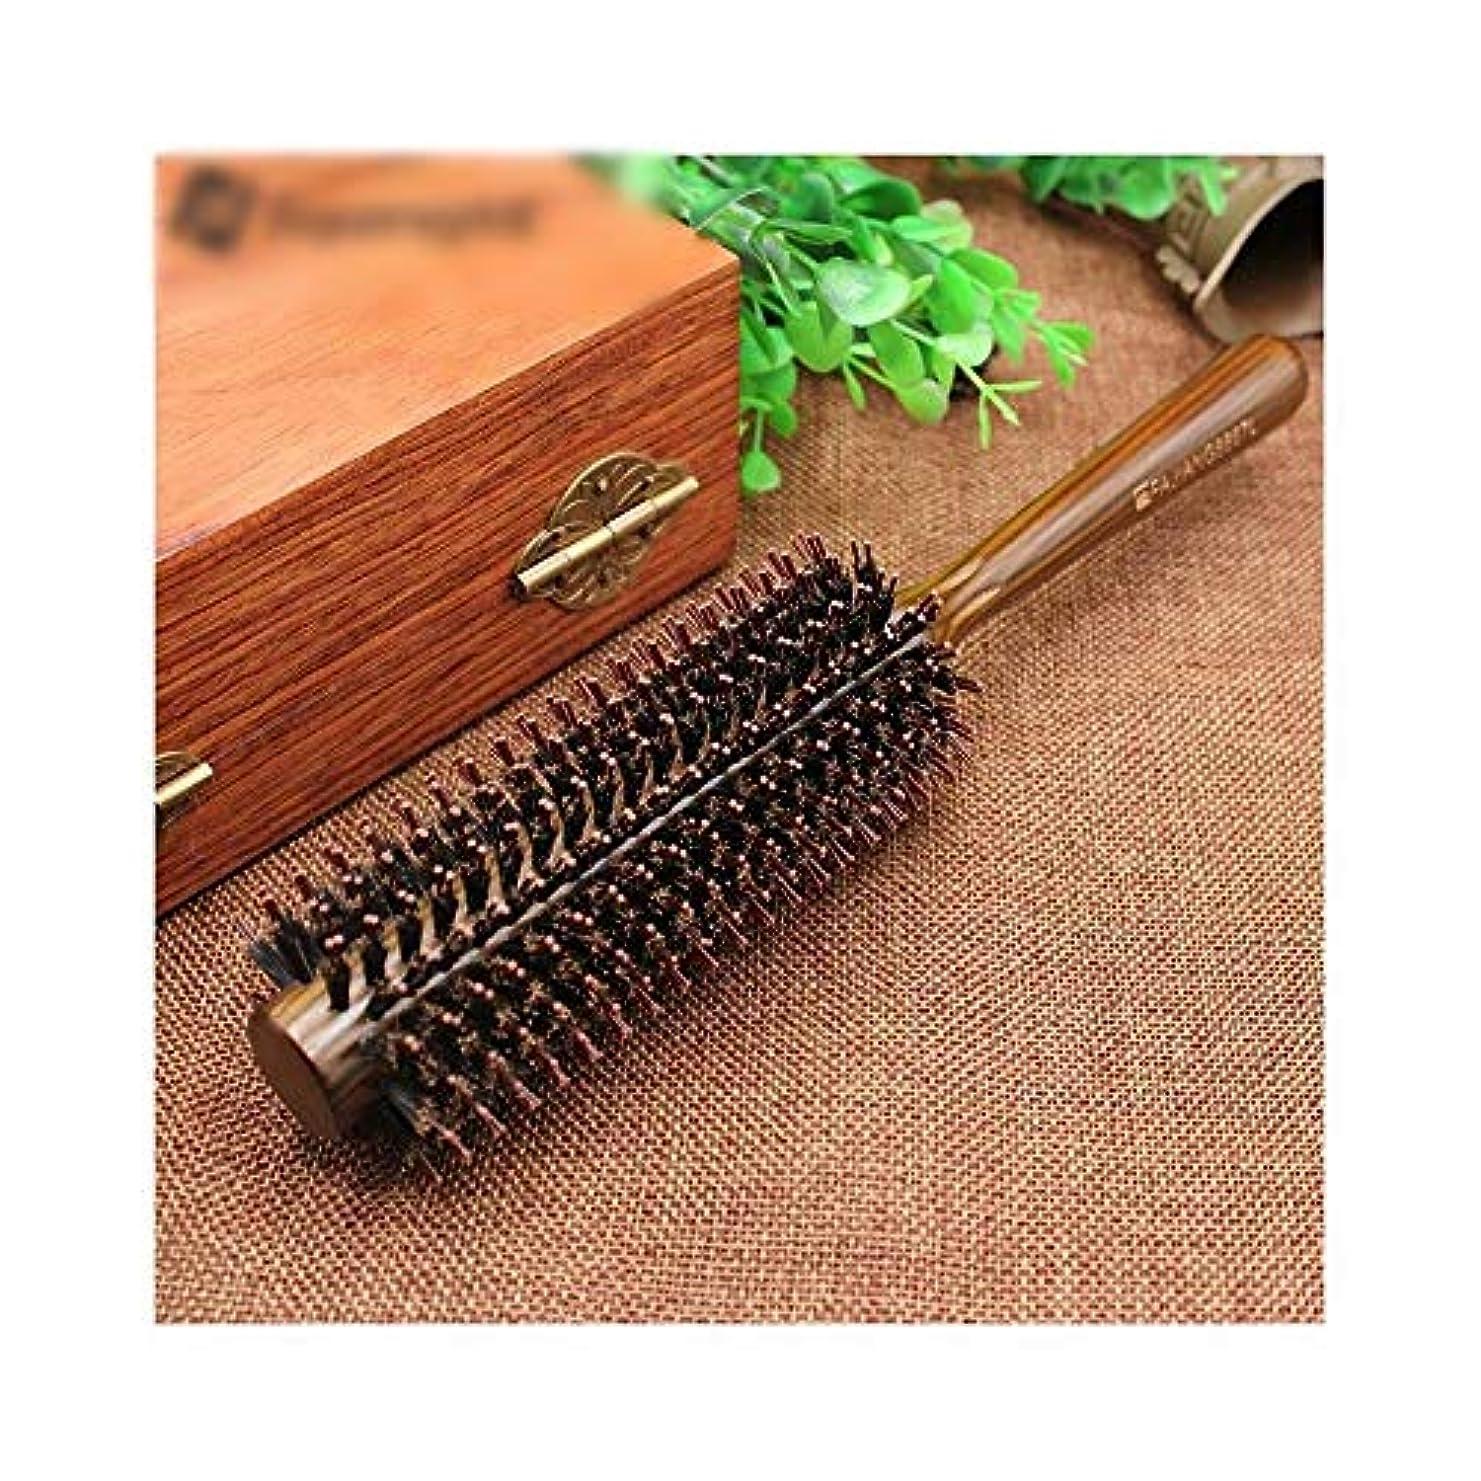 マークダウン拒絶する田舎ヘアコーム理髪くし ヘアーサロンのヘアデザインのためのローリングくしシリンダー木製ハンドルくし ヘアスタイリングコーム (Size : S)